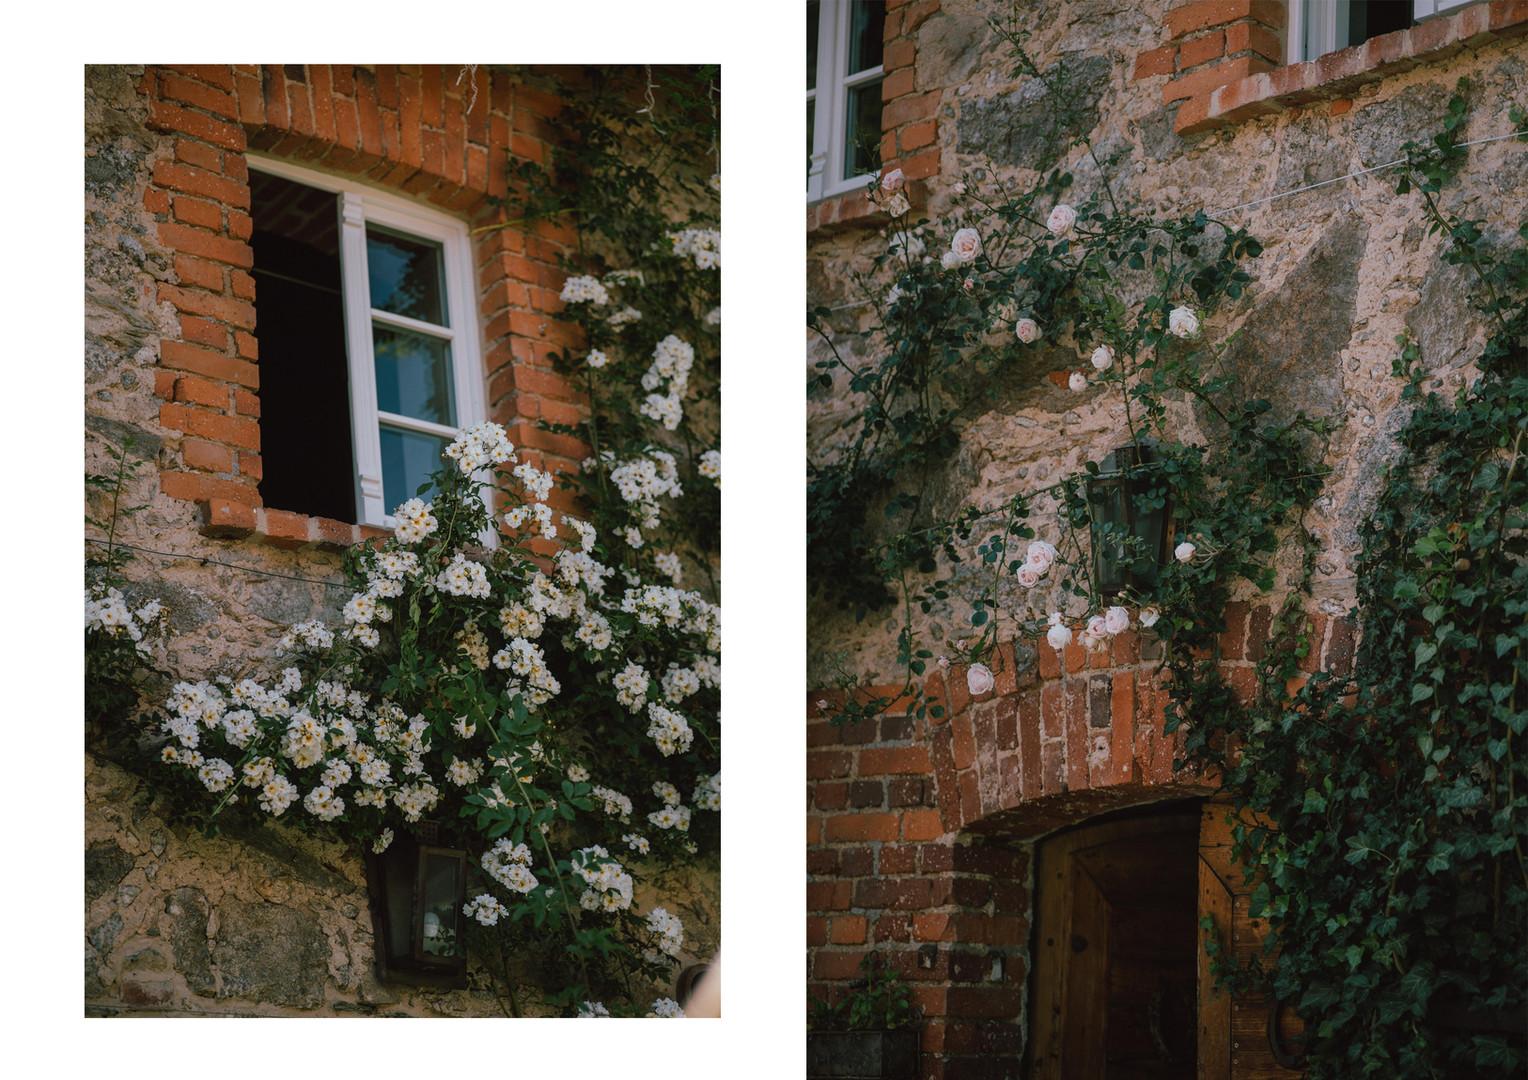 3 róże.jpg